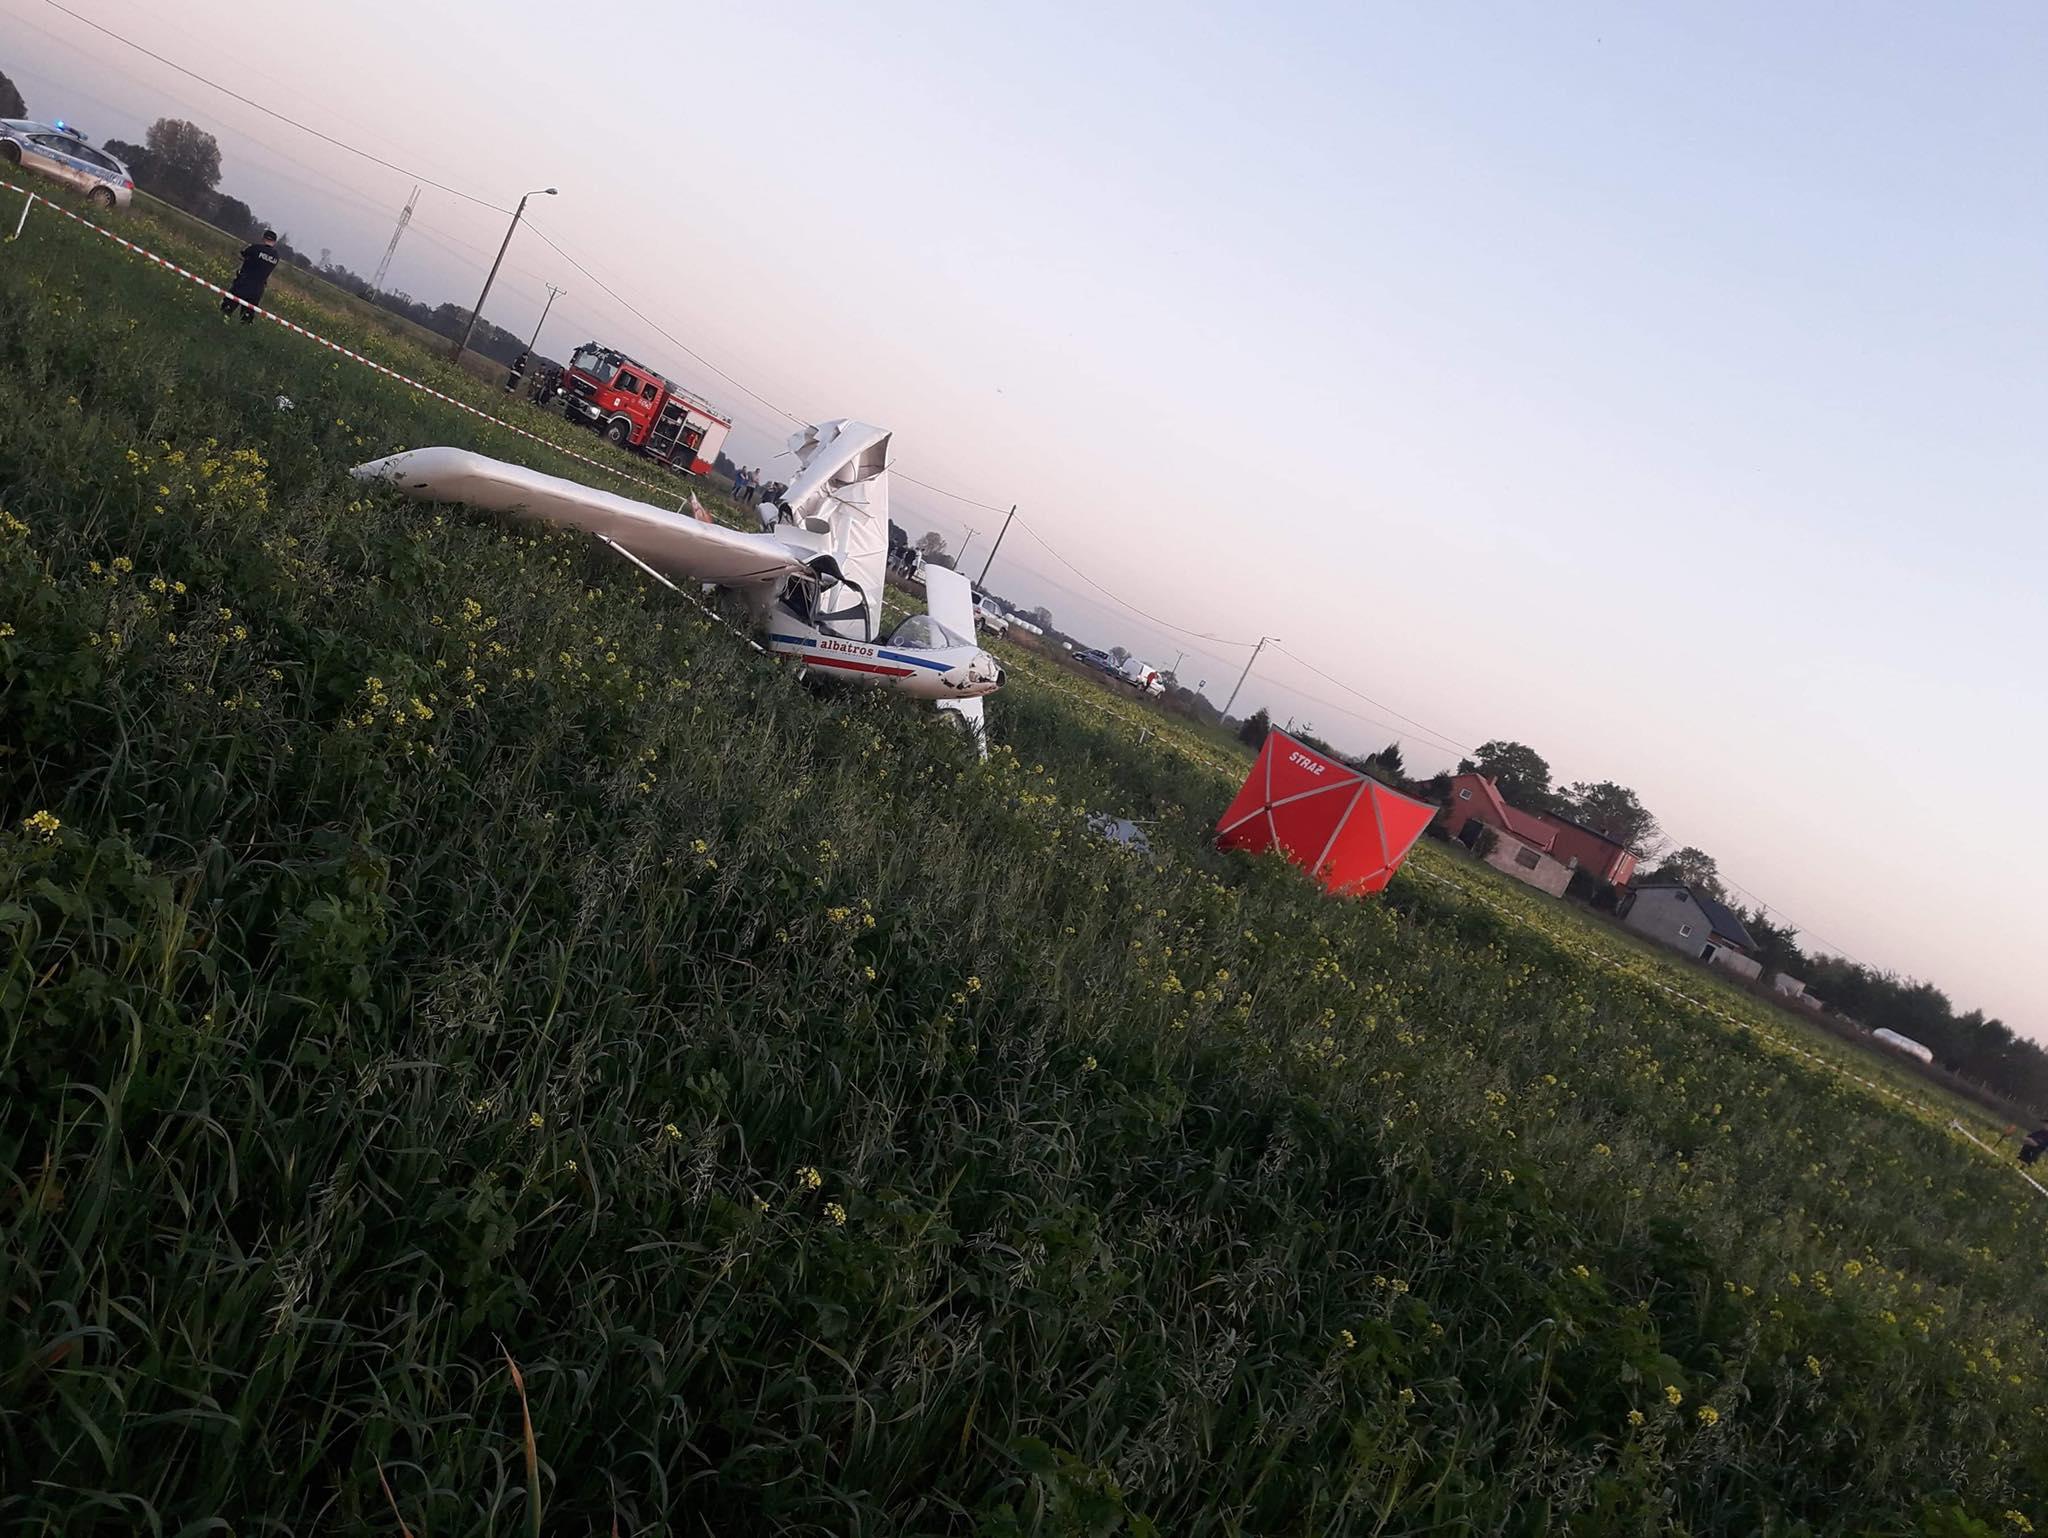 wypadek awionetki koło kłodawy -  Ochotnicza Straż Pożarna w Kłodawie